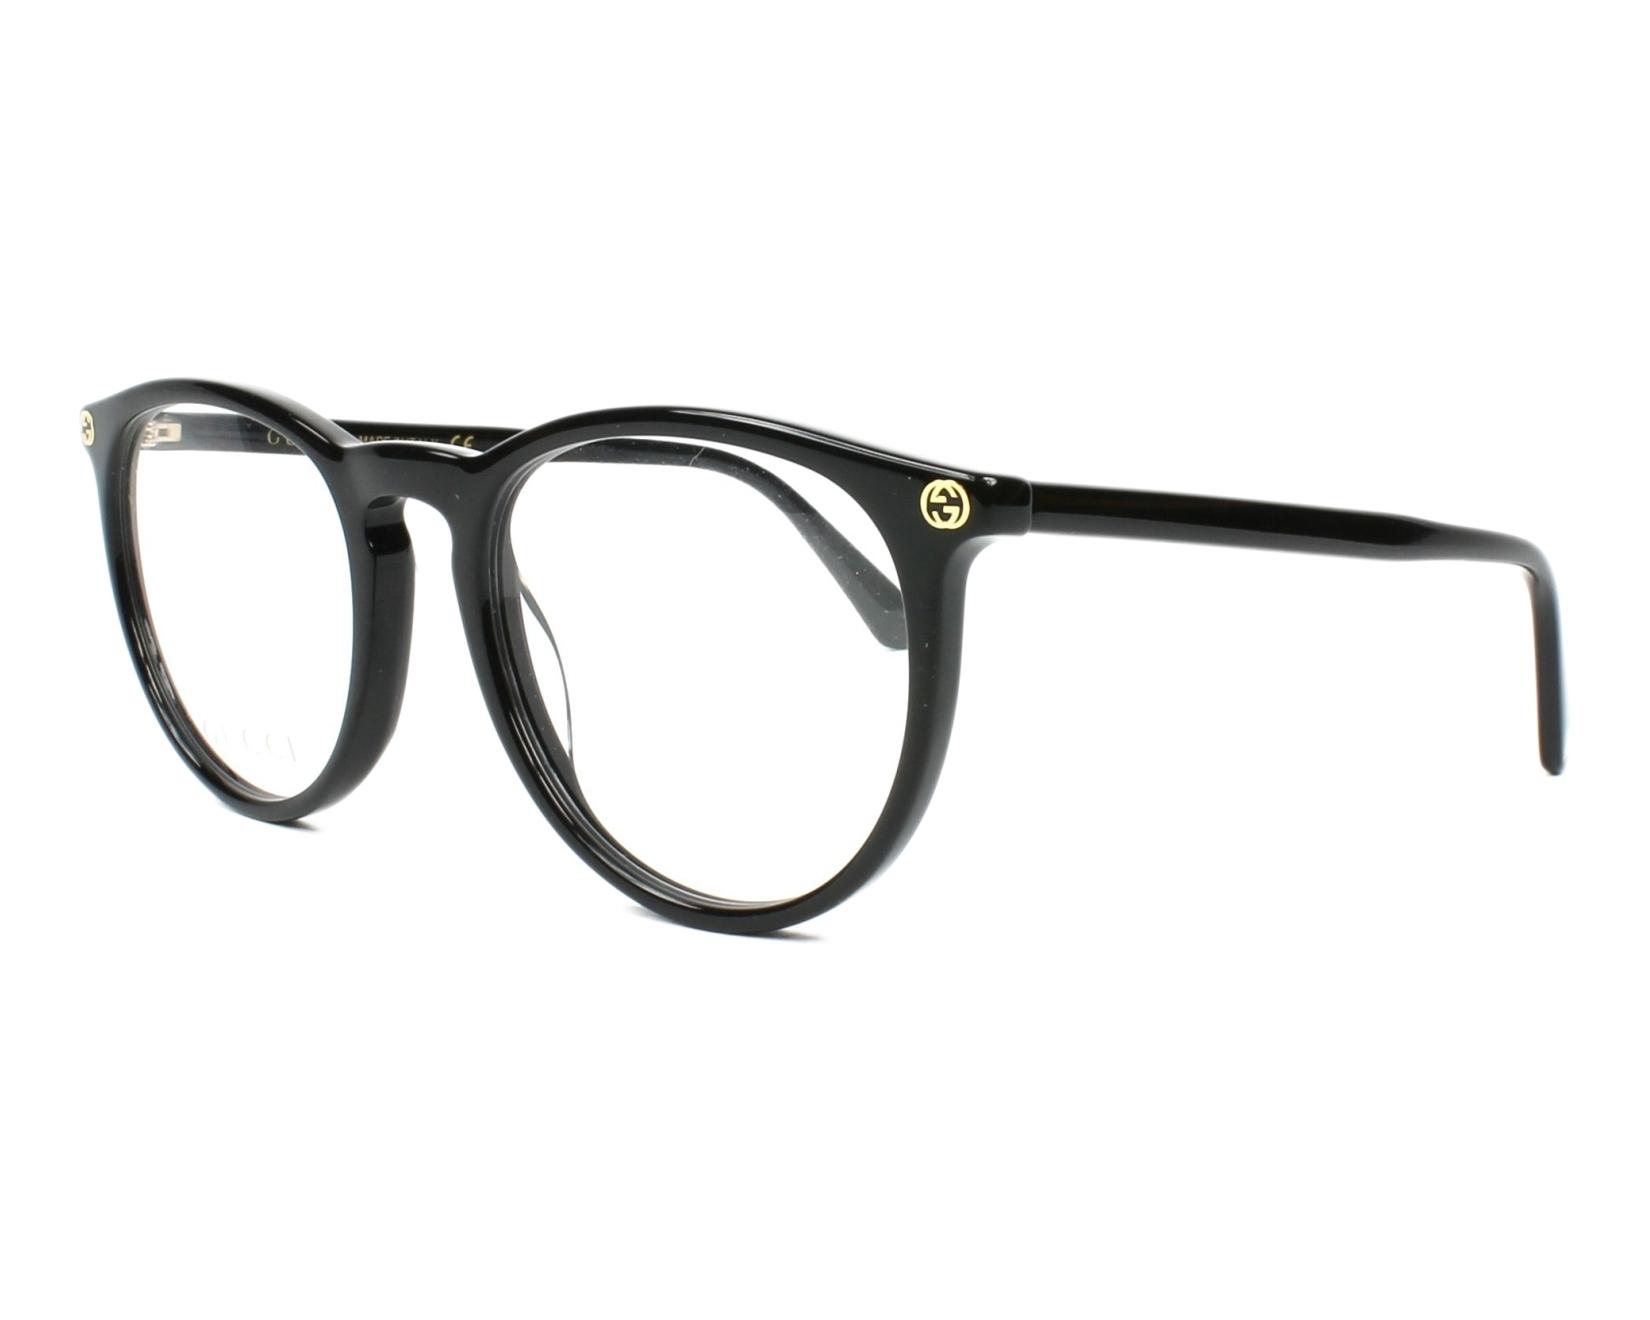 Lunettes de vue Gucci GG-00270 001 50-20 Noir vue de profil 881db236615f